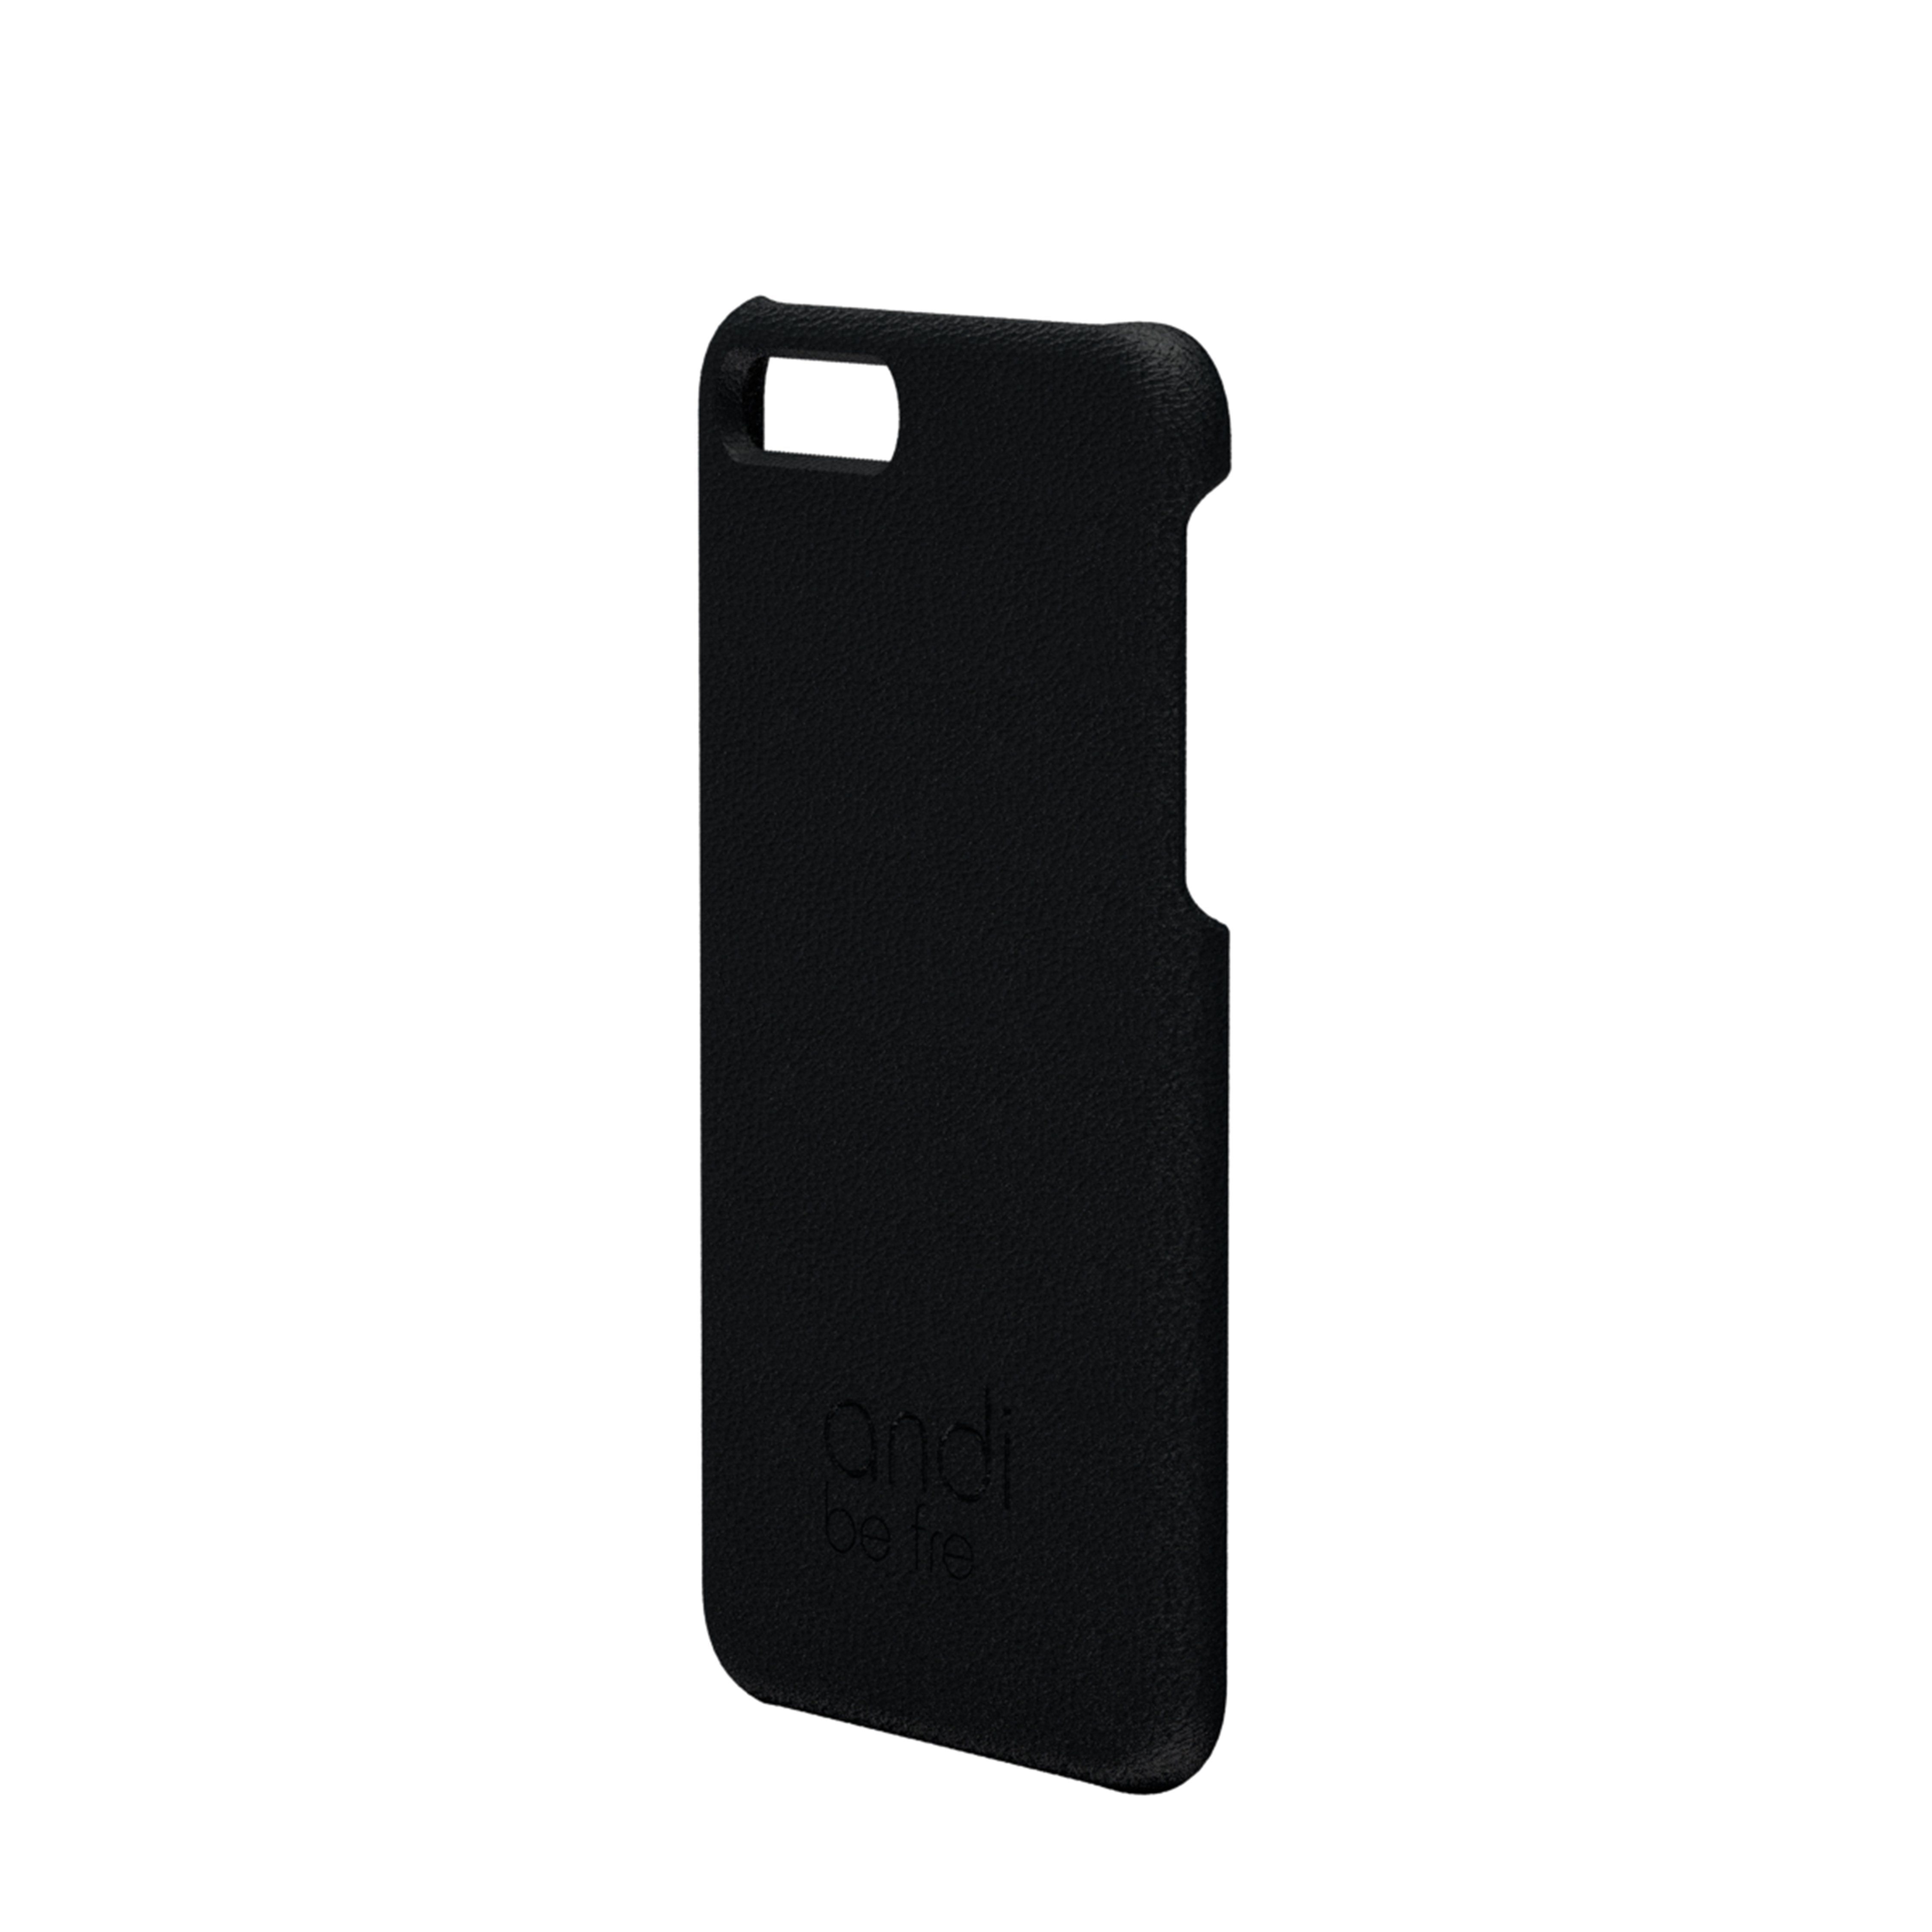 andi be free Qi Schutzhülle für das iPhone 8 »Wireless Charging Case«